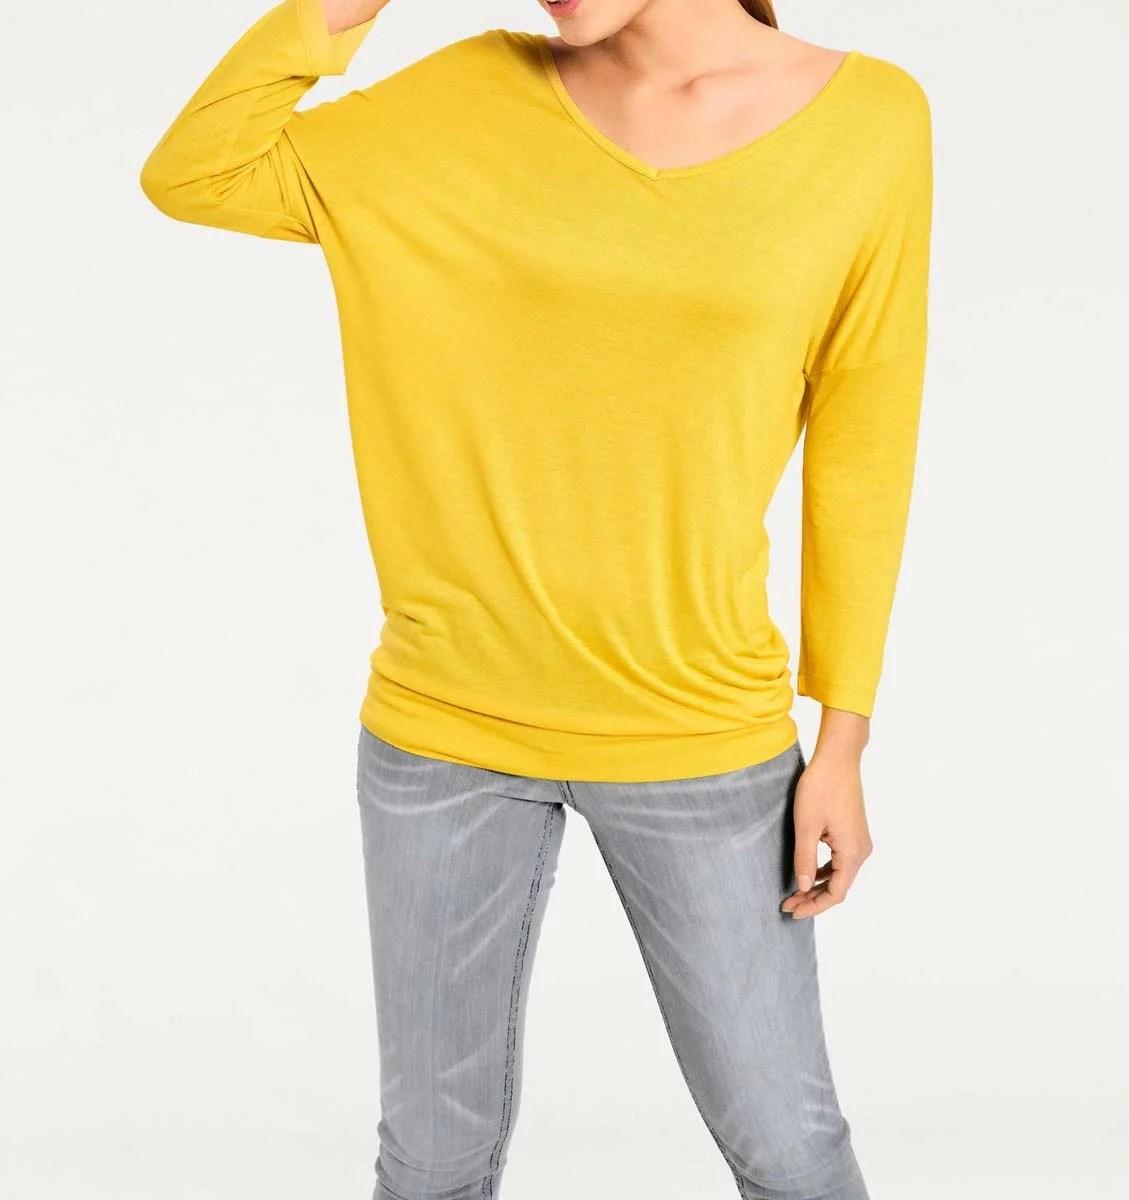 105.810 HEINE Damen Designer-Oversized-Shirt Gelb